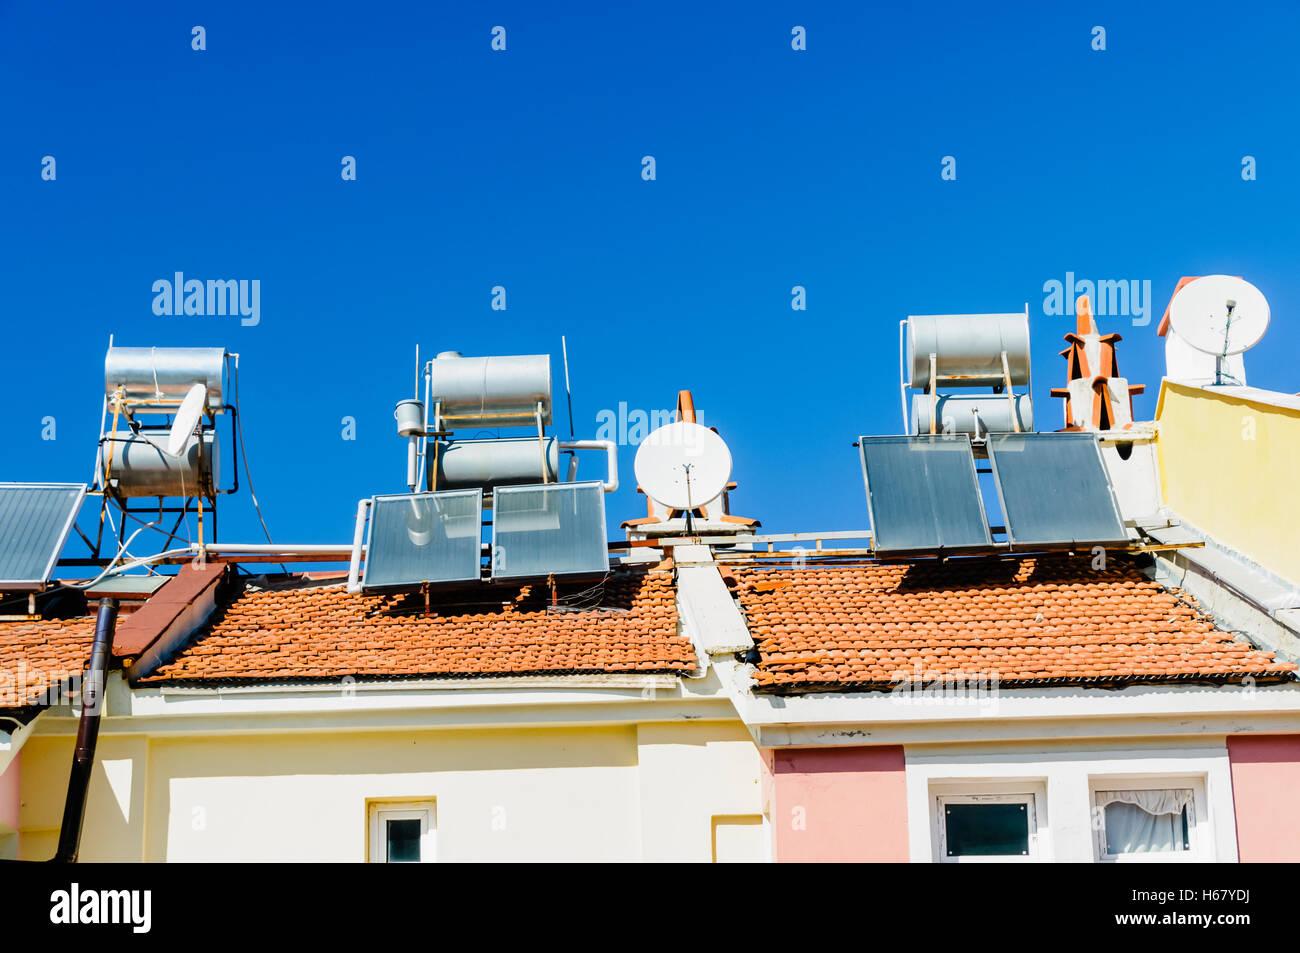 Los calentadores de agua solares y antenas parabólicas en el tejado de un edificio en un clima caliente. Imagen De Stock